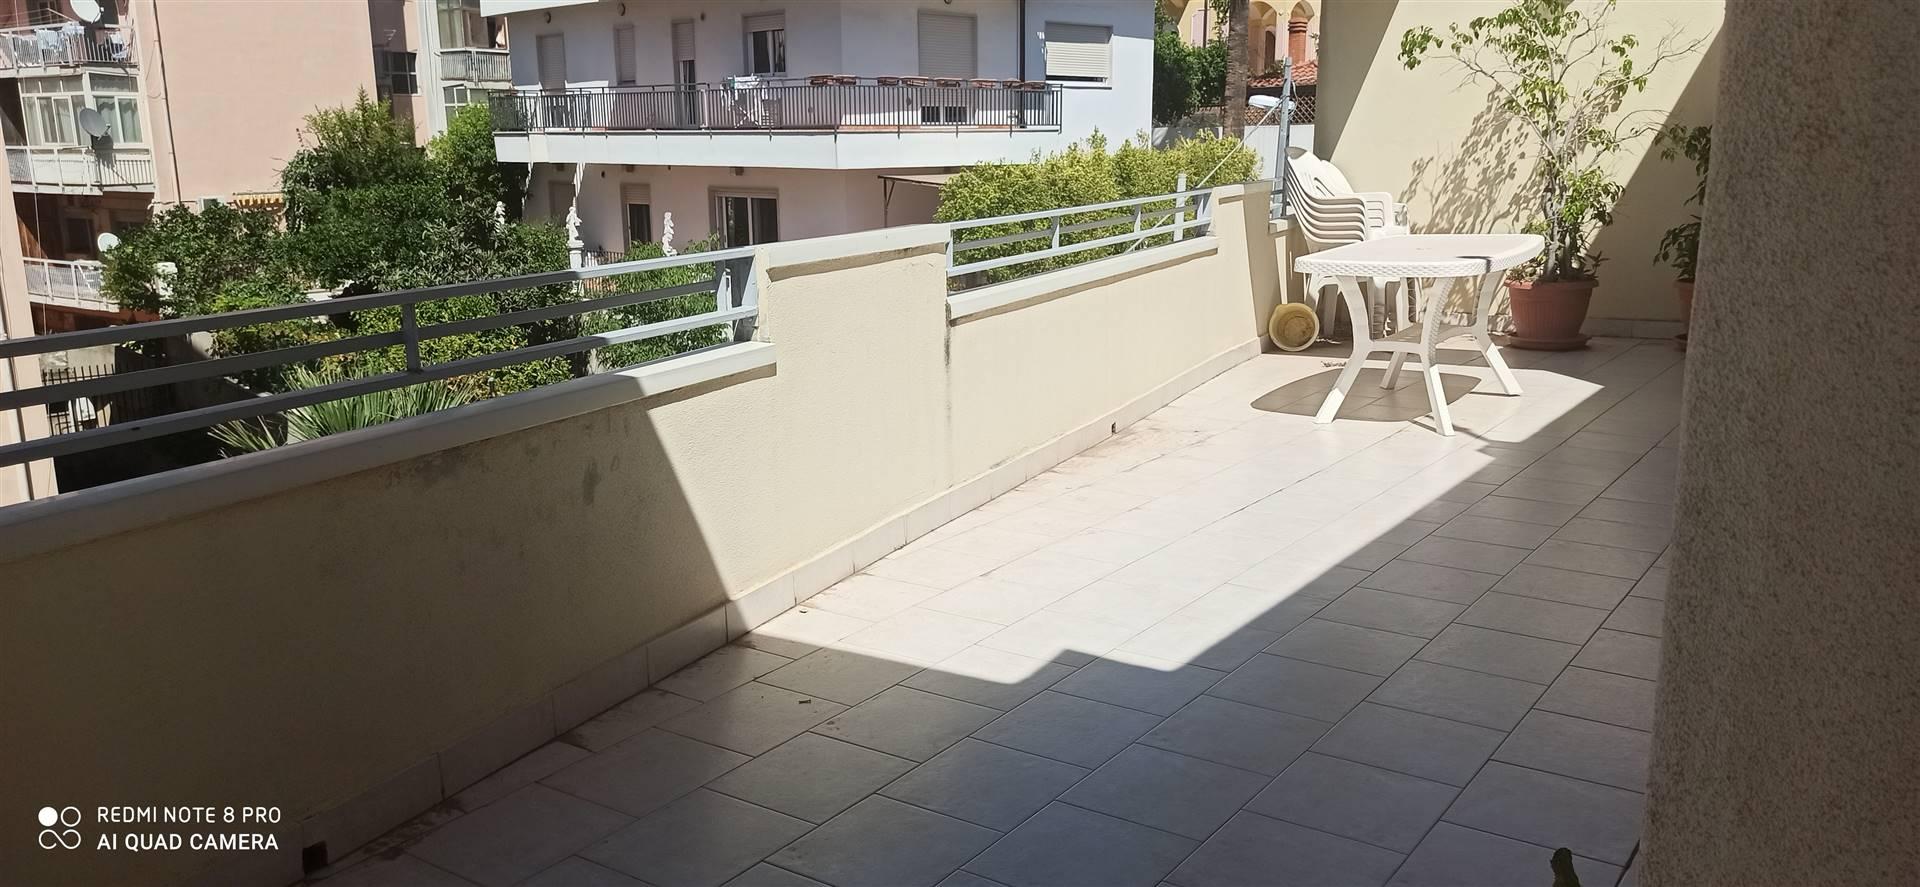 Appartamento Arredato Con Terrazzo In Affitto A Reggio Calabria  medan 2022